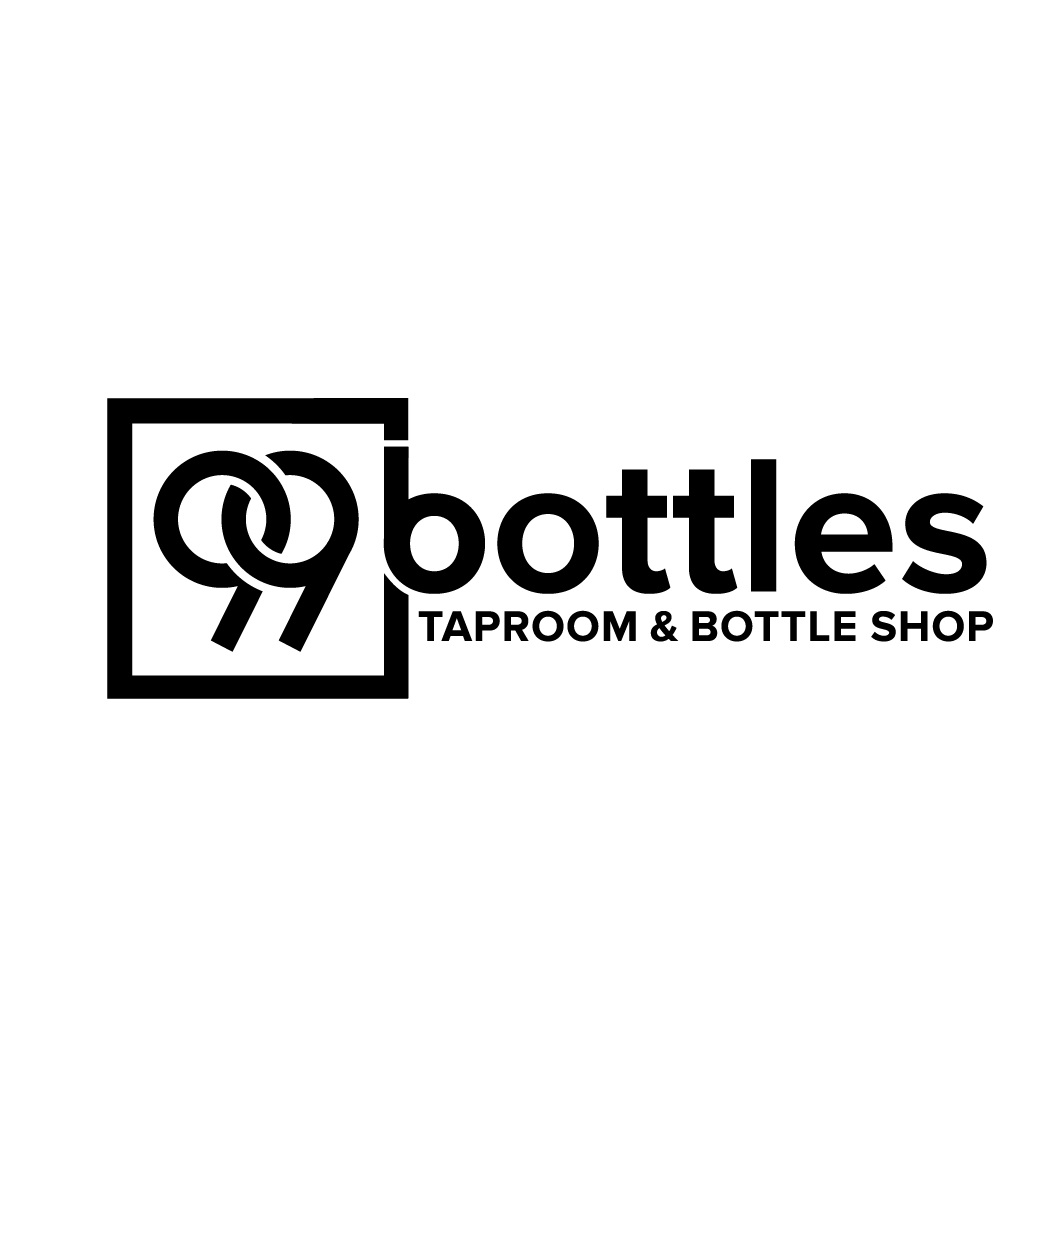 99 bottles logo